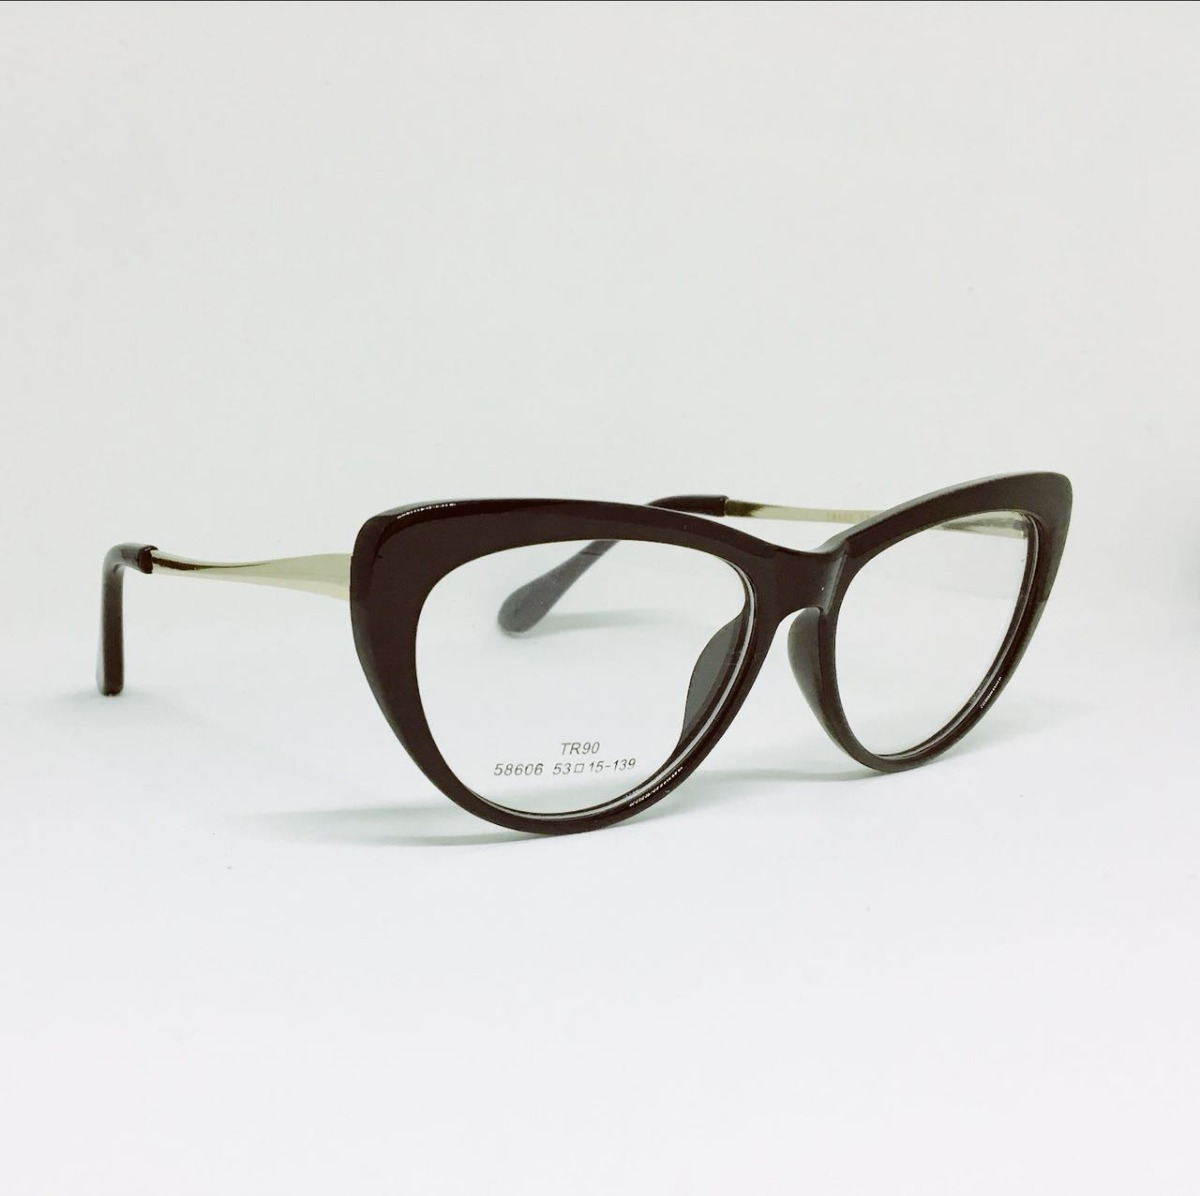 armação óculos feminino gatinho geek retro cores + brinde. Carregando zoom. 5c34c3d422